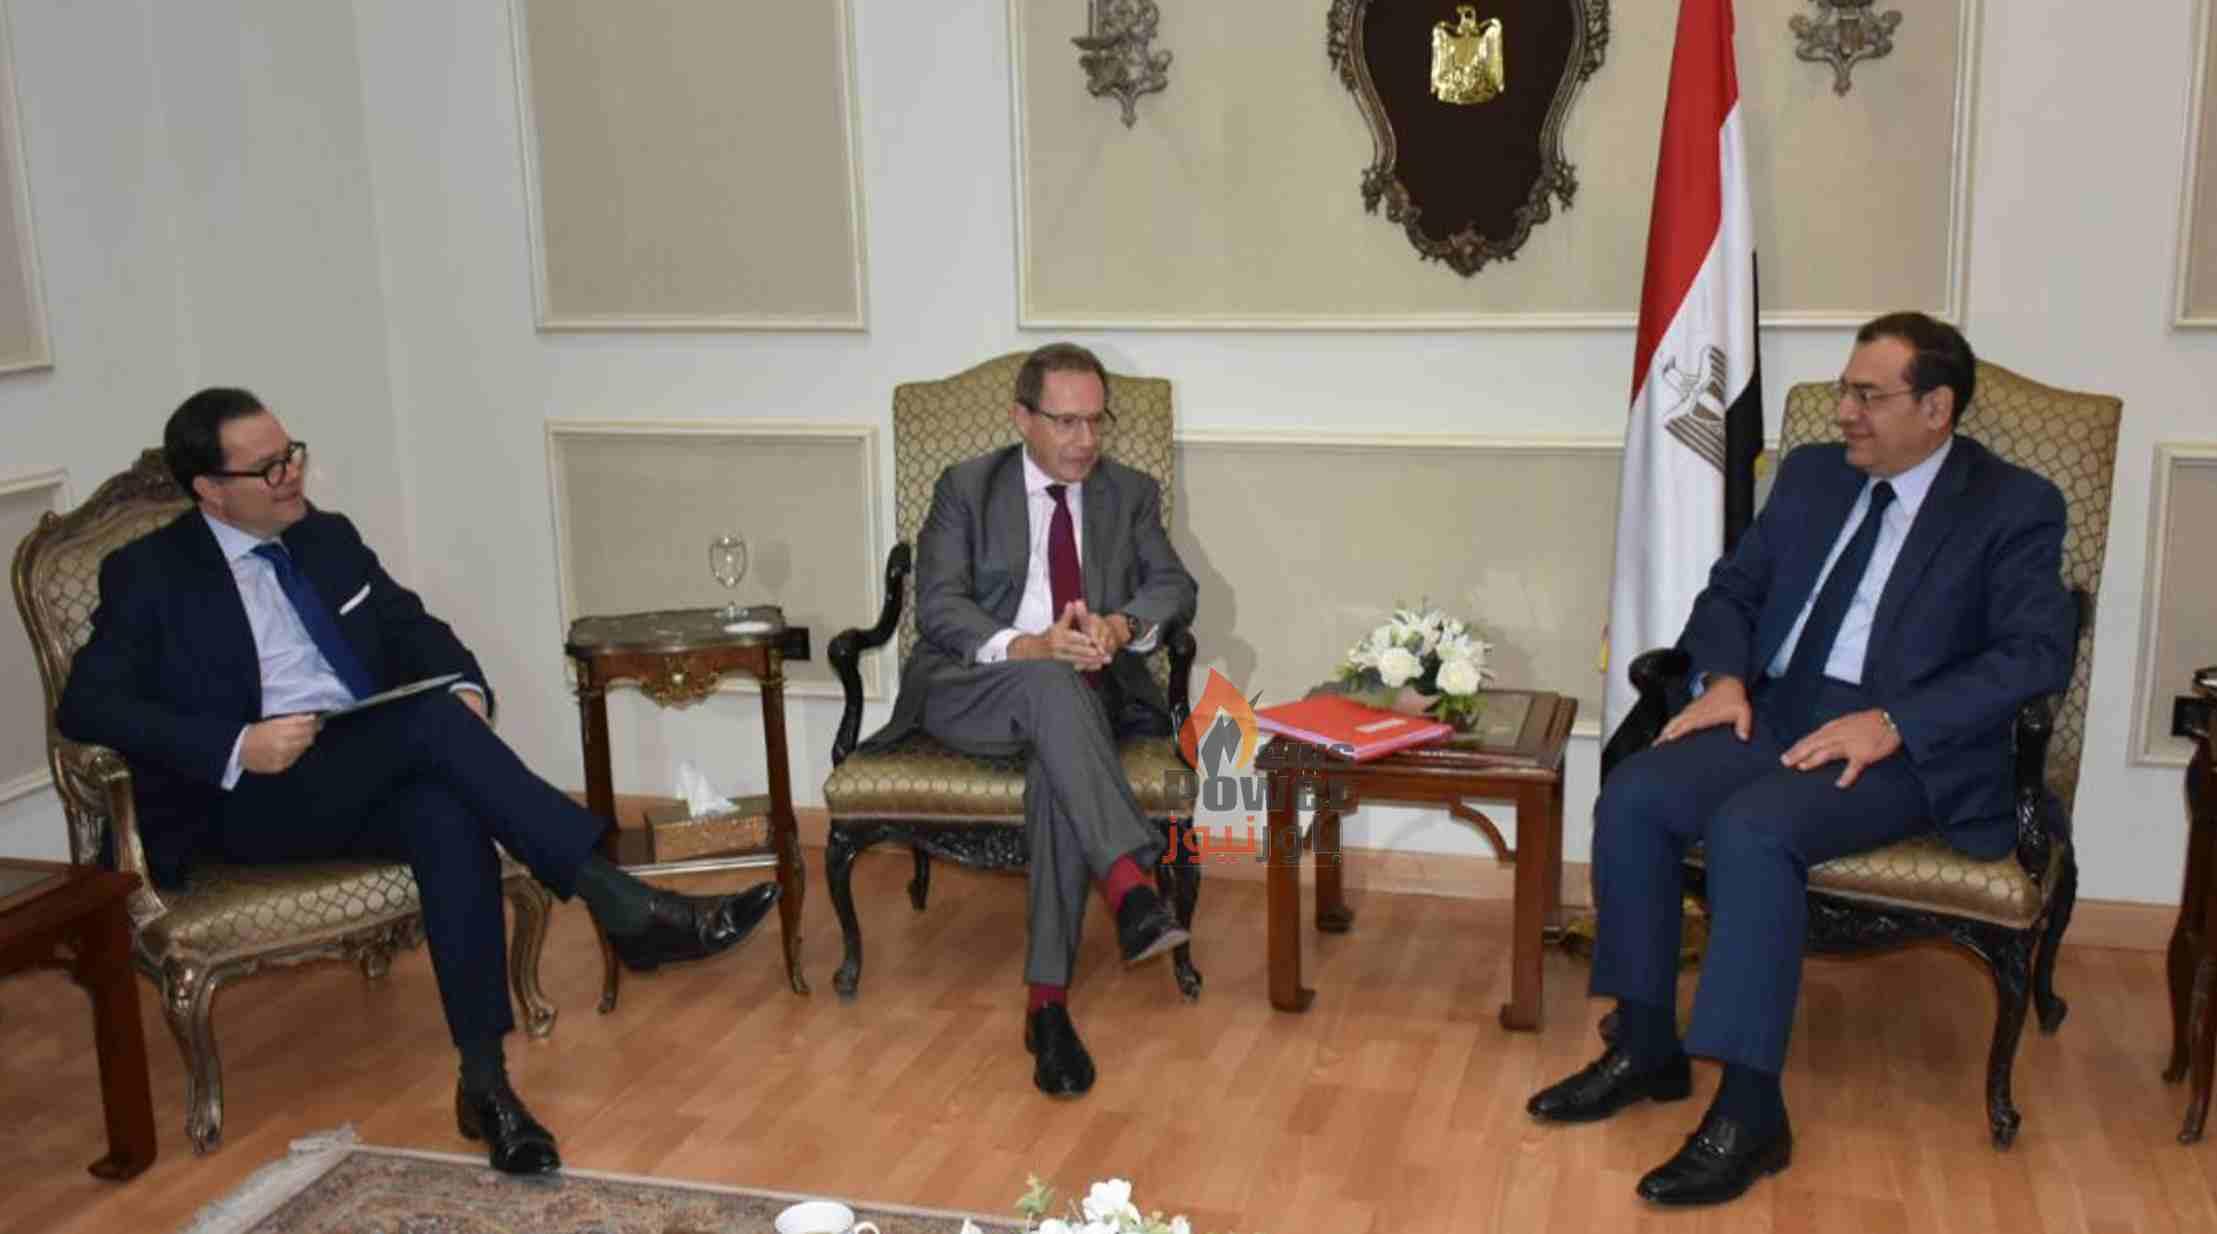 وزير البترول يلتقي سفير فرنسا لبحث الفرص الاستثمارية فى مشروعات البترول والغاز الطبيعى